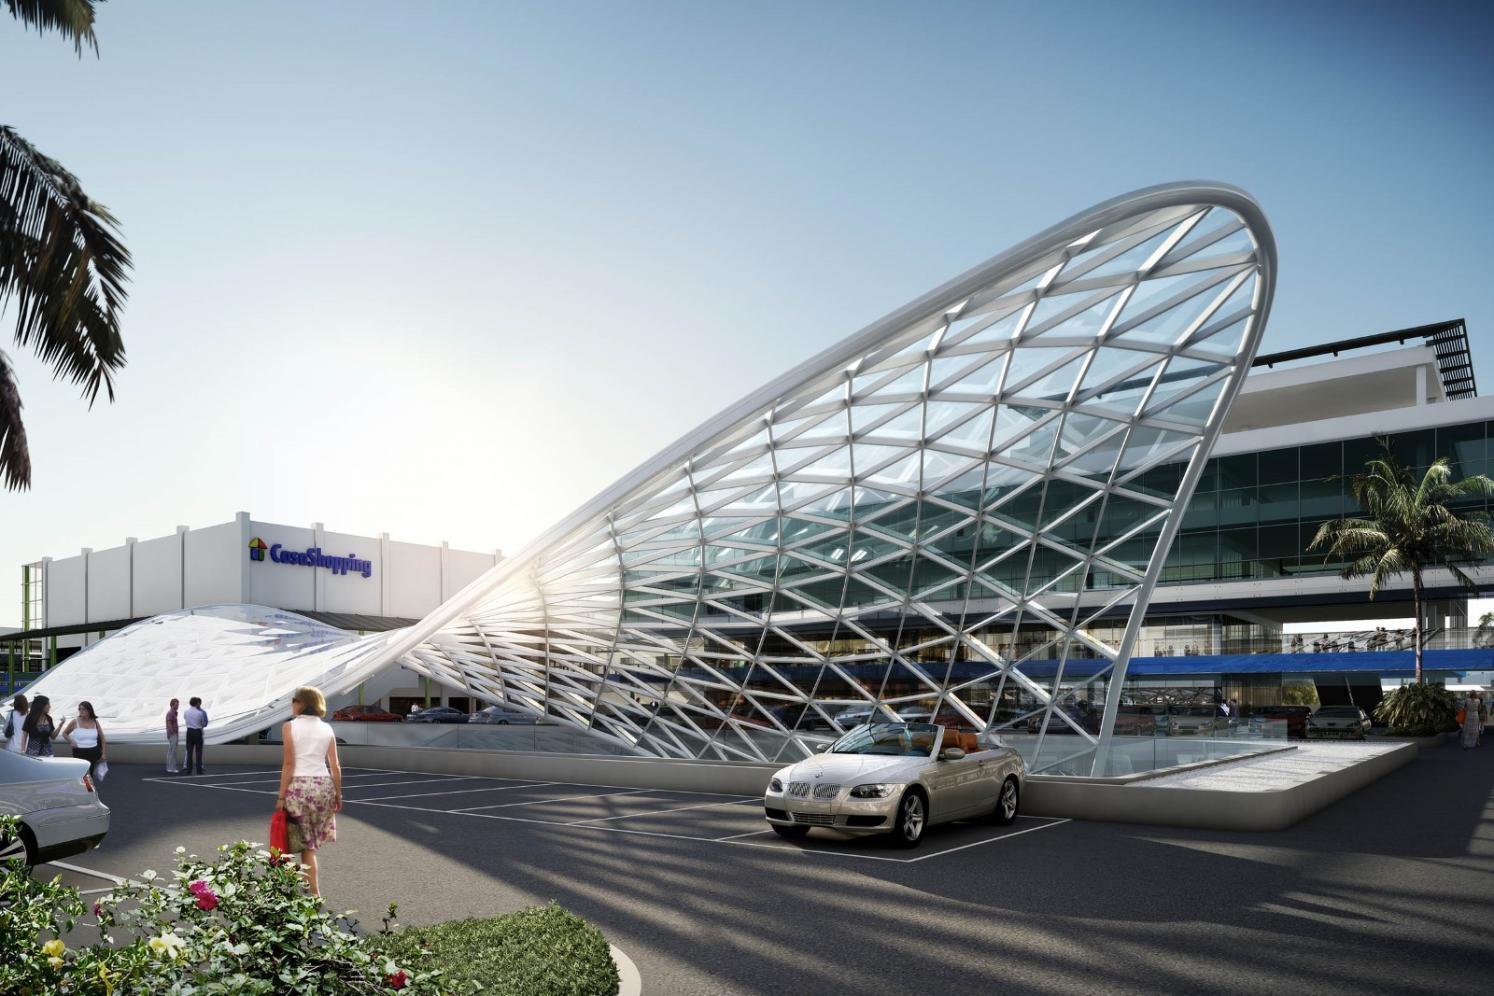 Cobertura metálica arquitetura